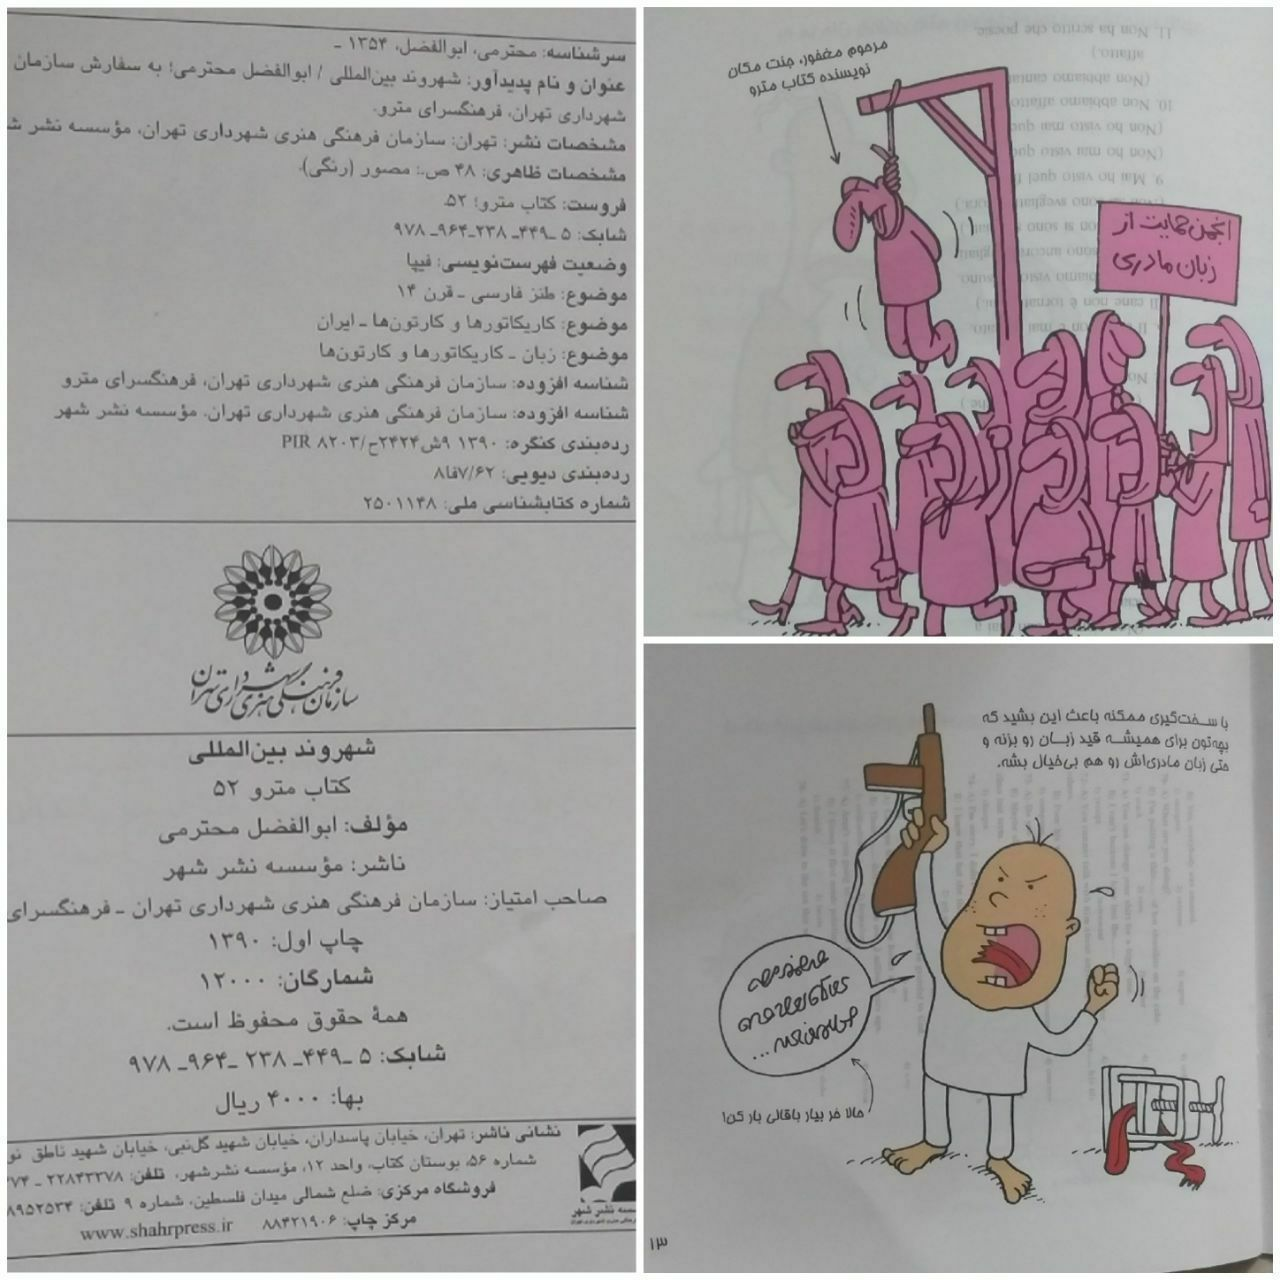 واکنش به خبر توزیع کتاب مترو با تصاویر اعدام در مهد کودک ها (تصویر)